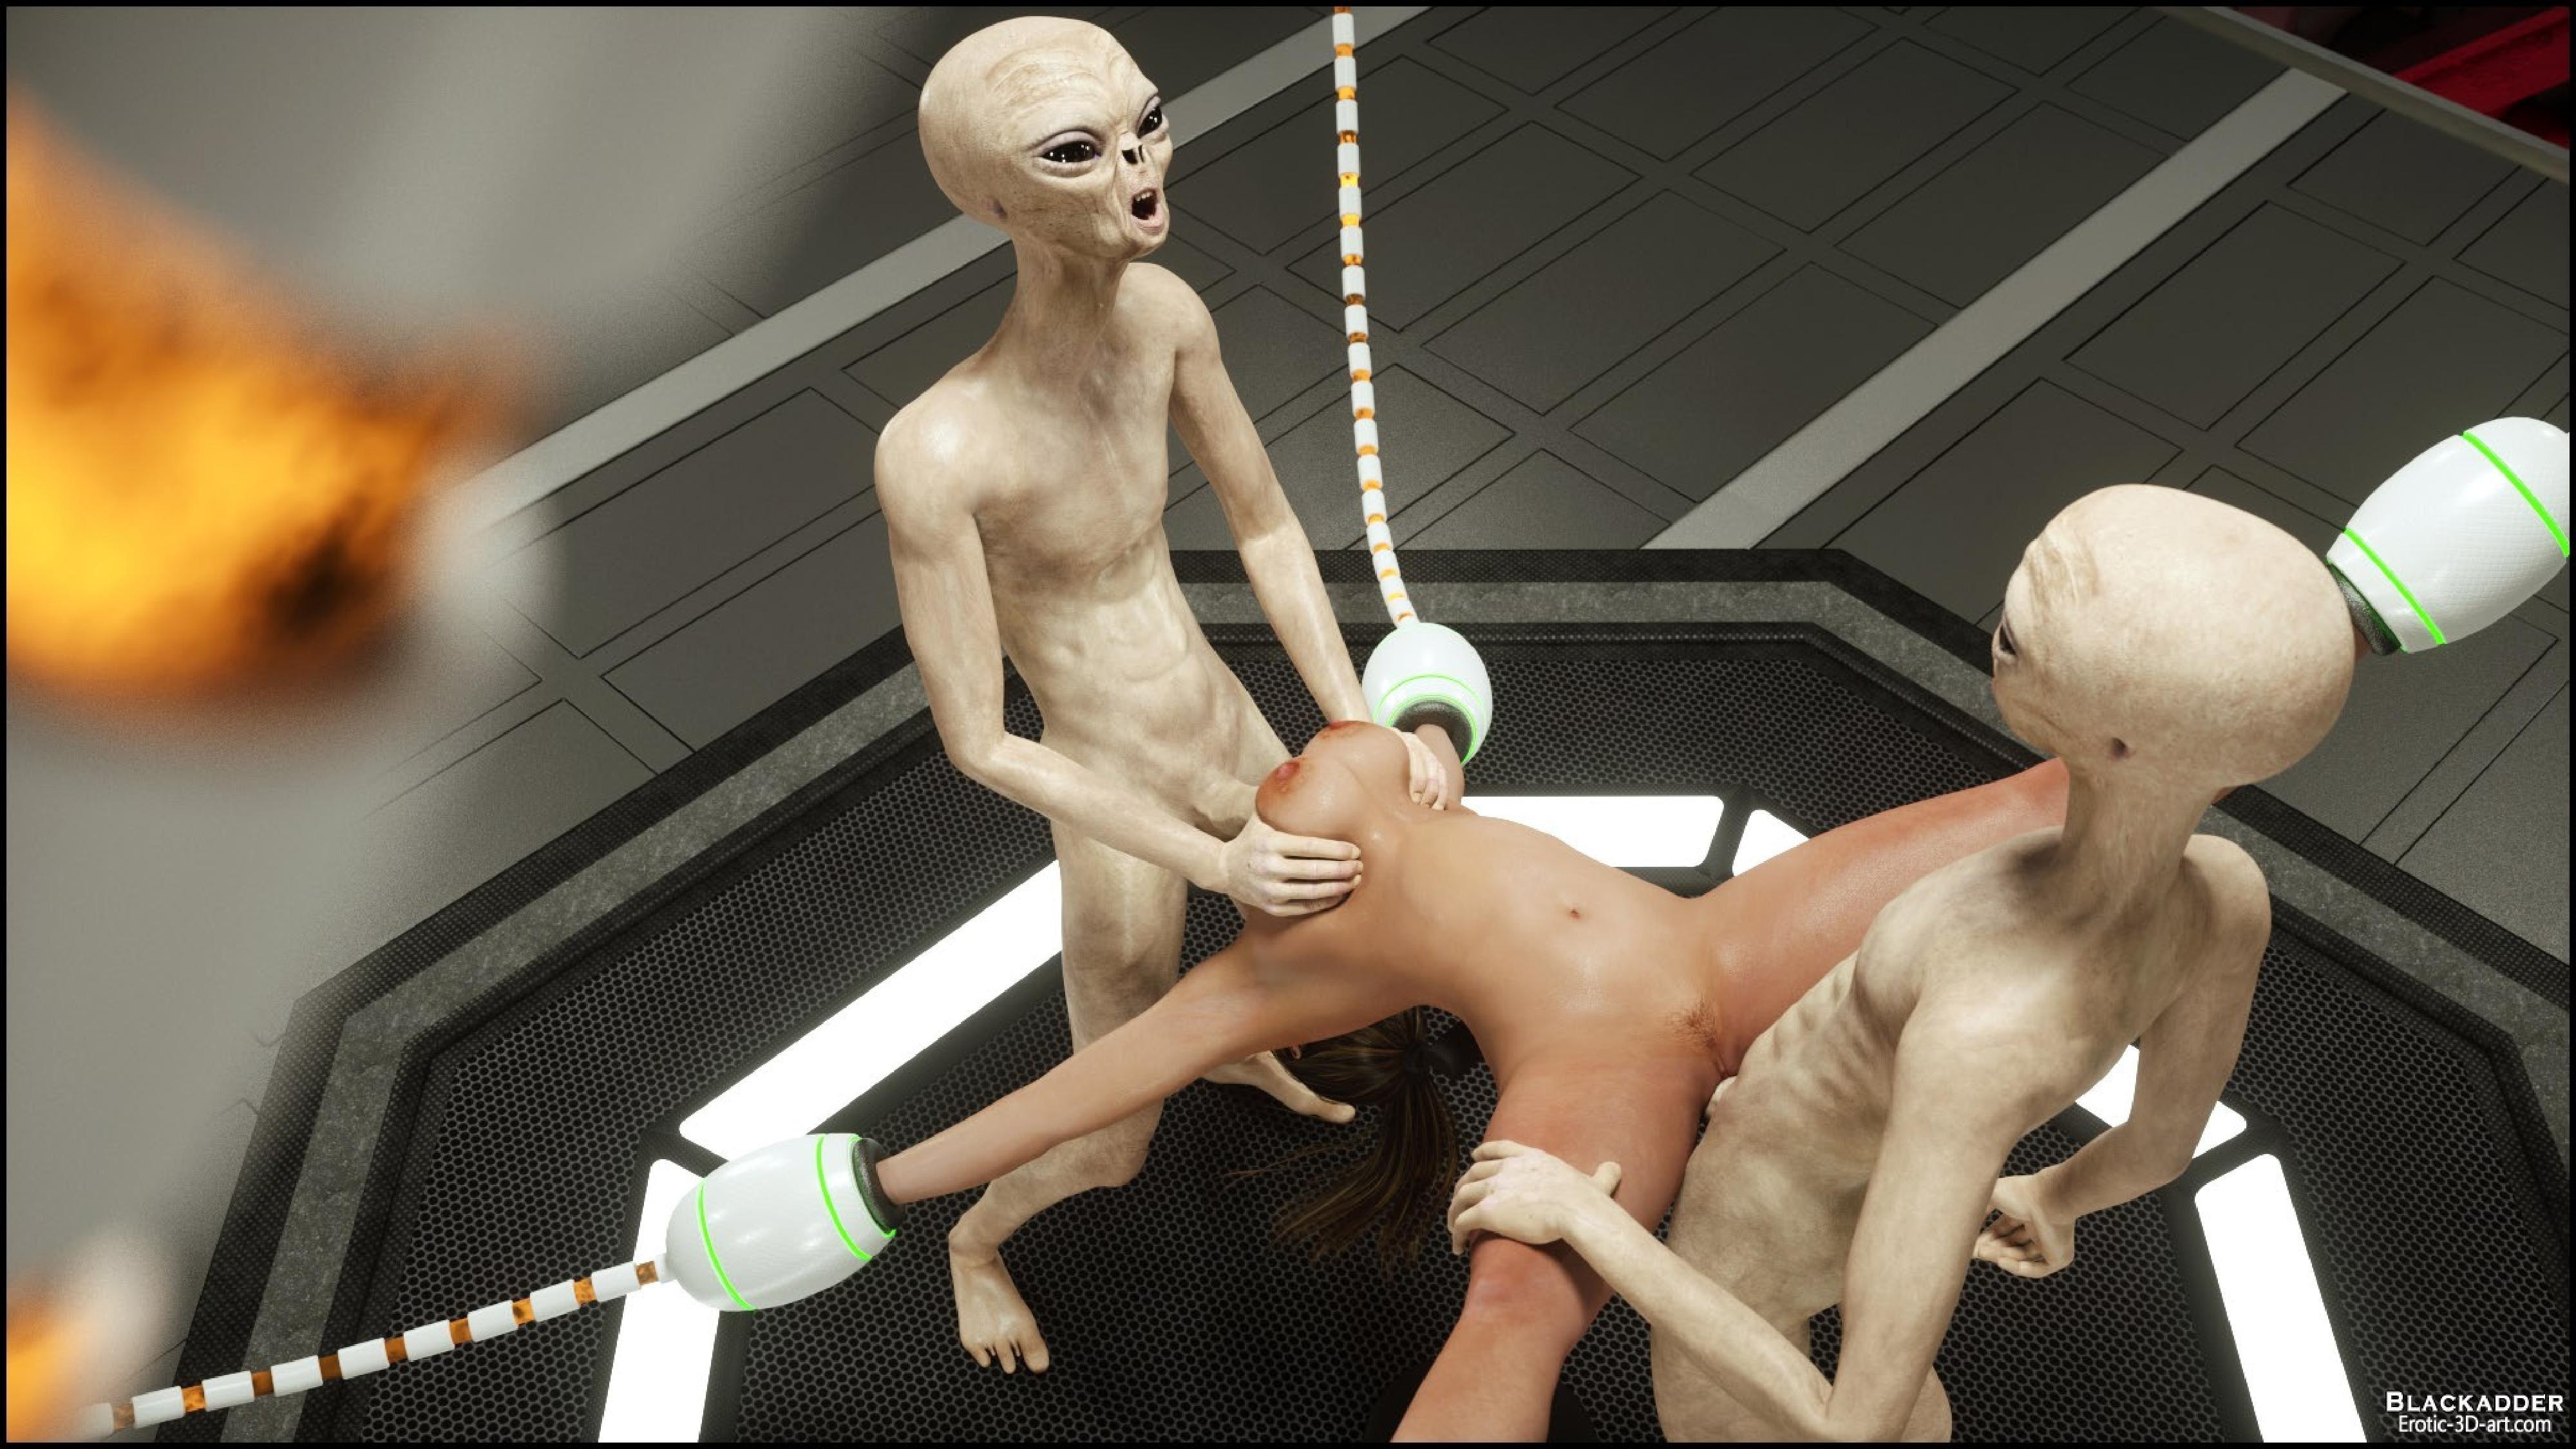 Пришельцы порно смотреть онлайн, С пришельцами - бесплатное порно онлайн, смотреть 23 фотография